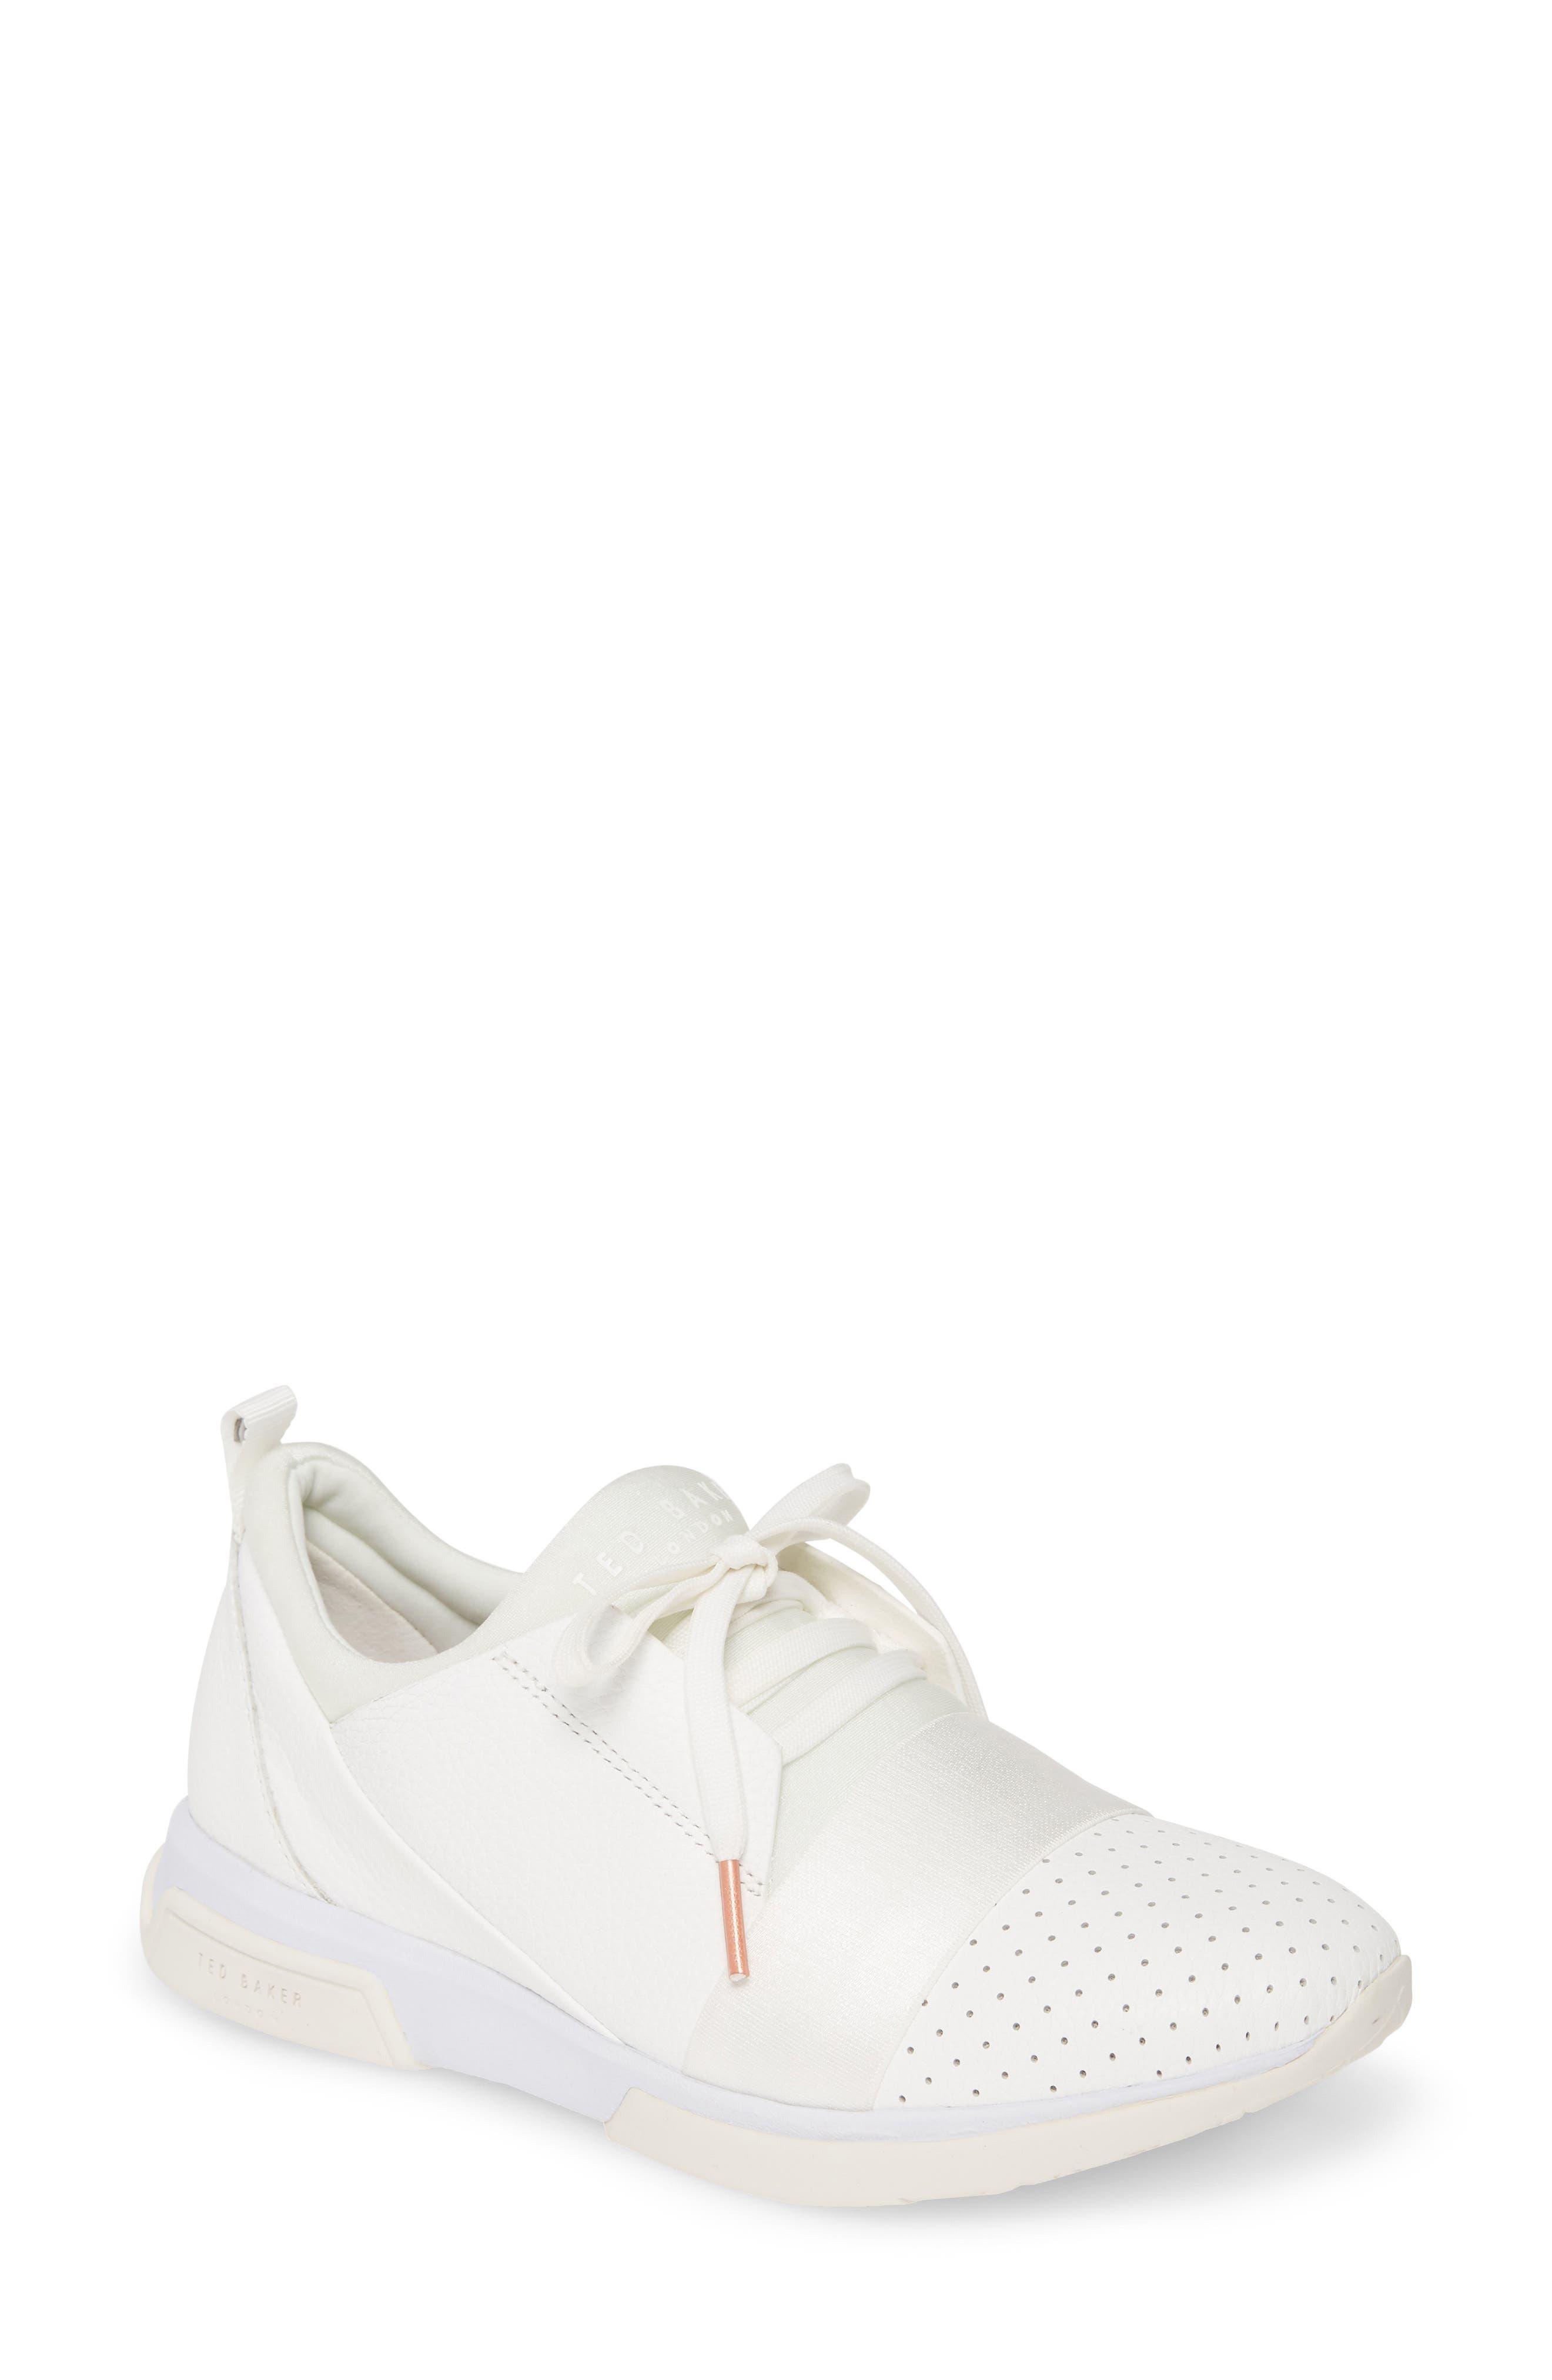 Ted Baker London Cepas Sneaker- White